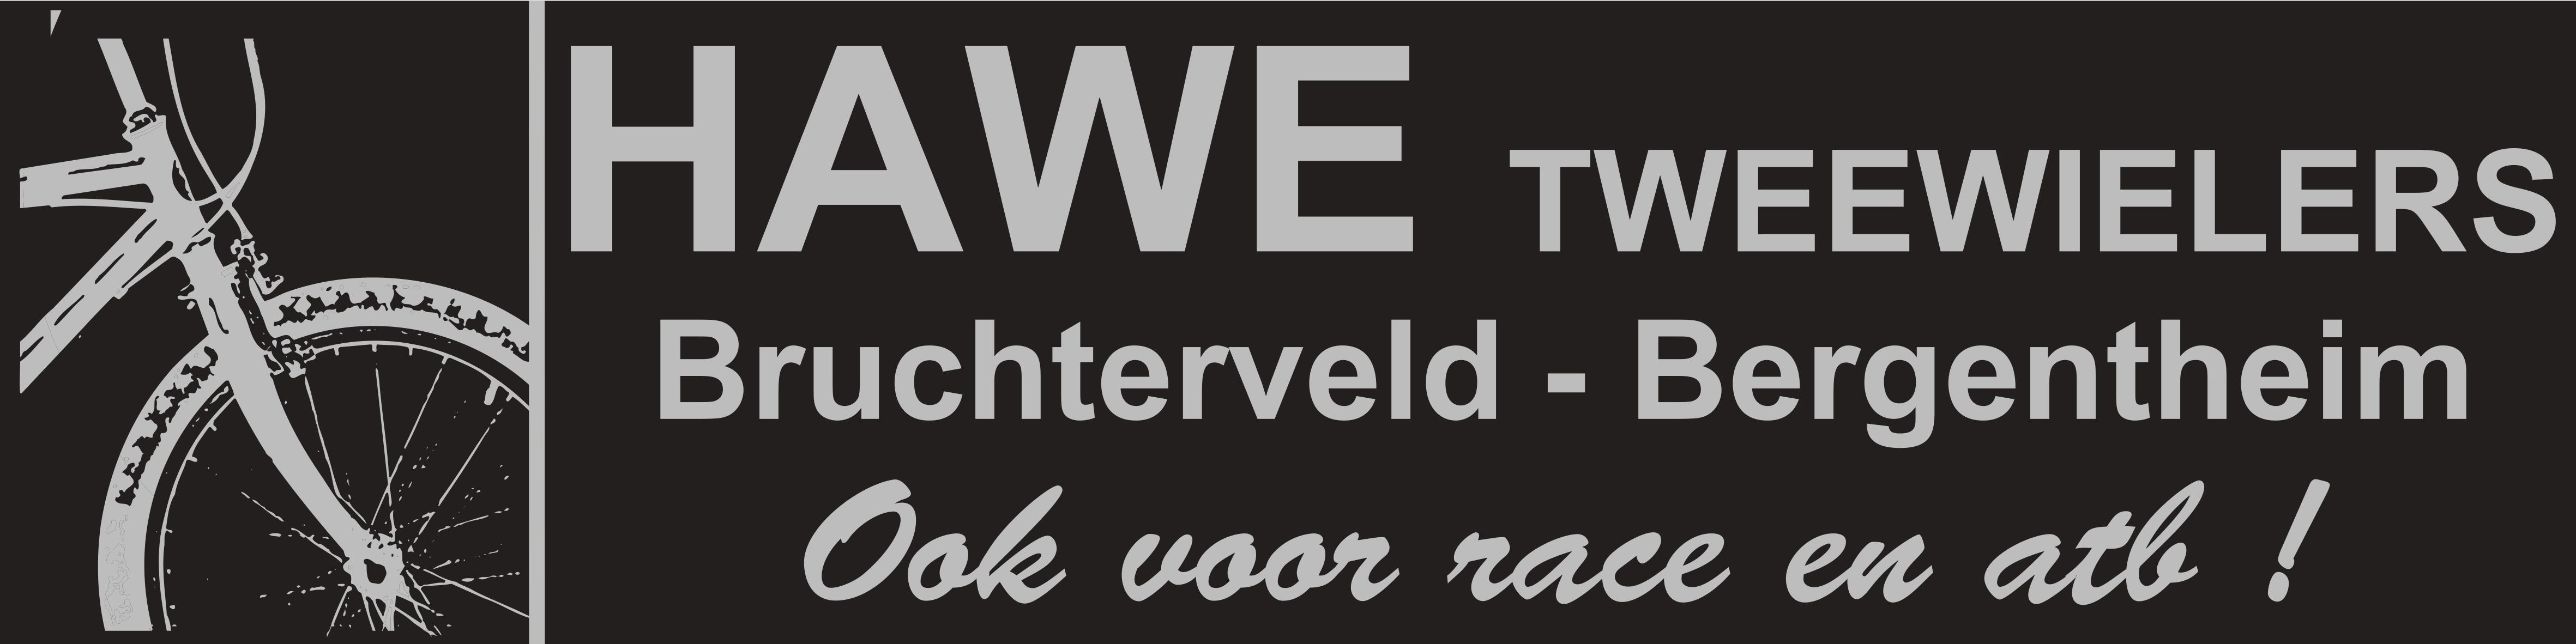 hawe 2wielers